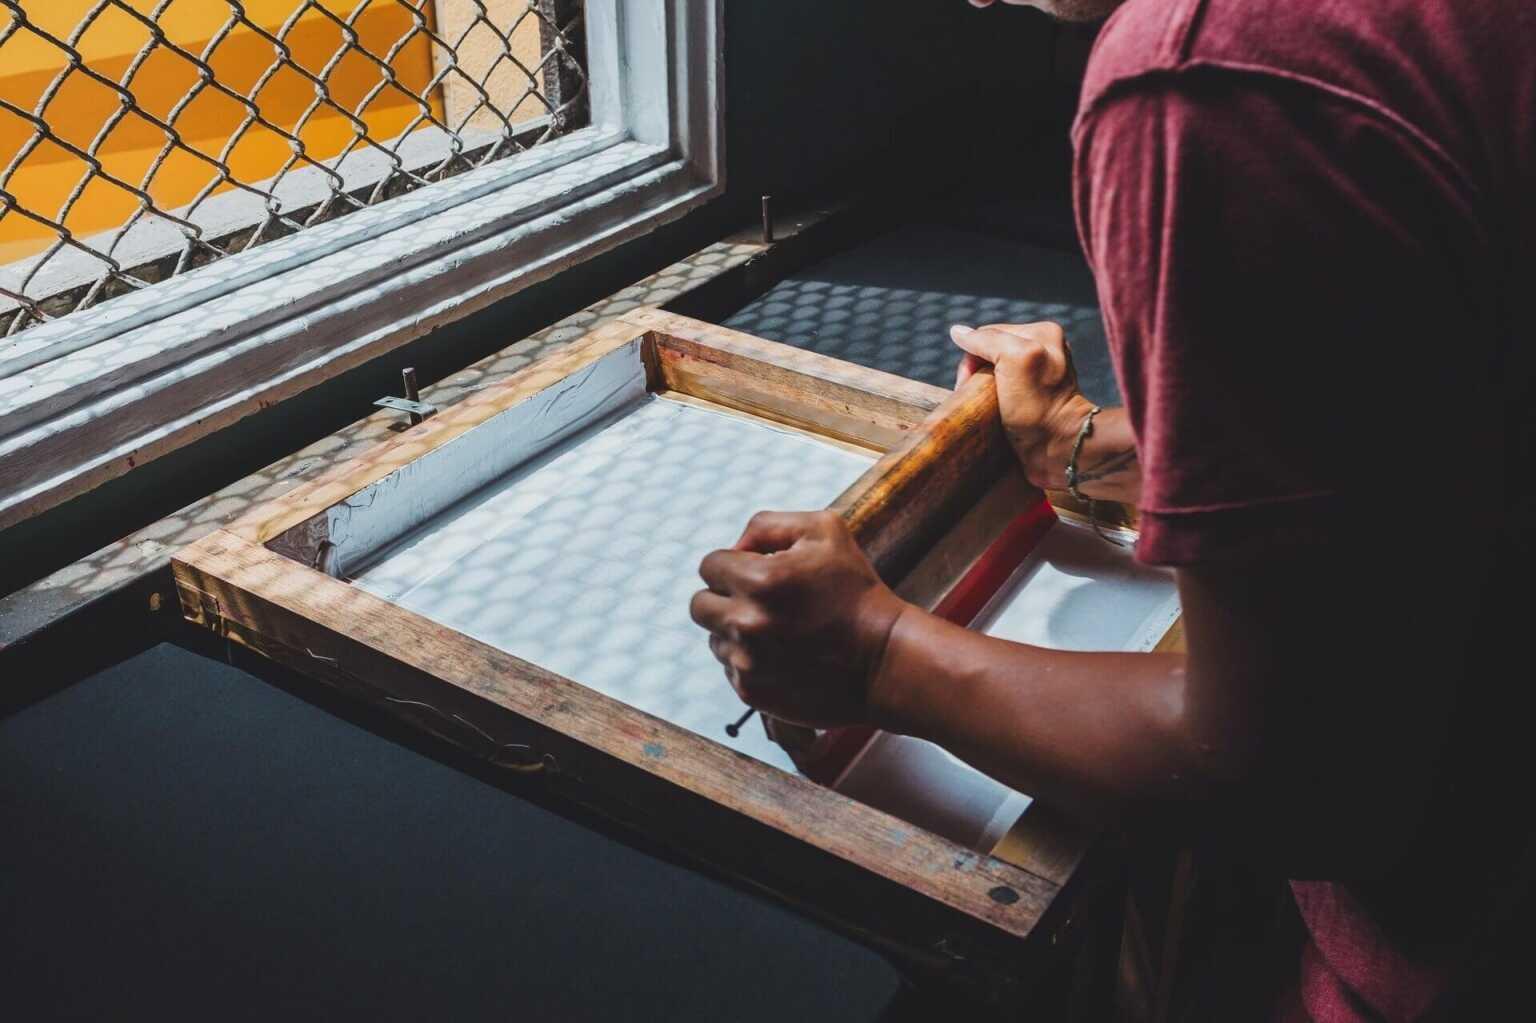 Thực hiện các bước in lụa lên túi vải canvas yêu cầu một số vật tư và một số kỹ năng